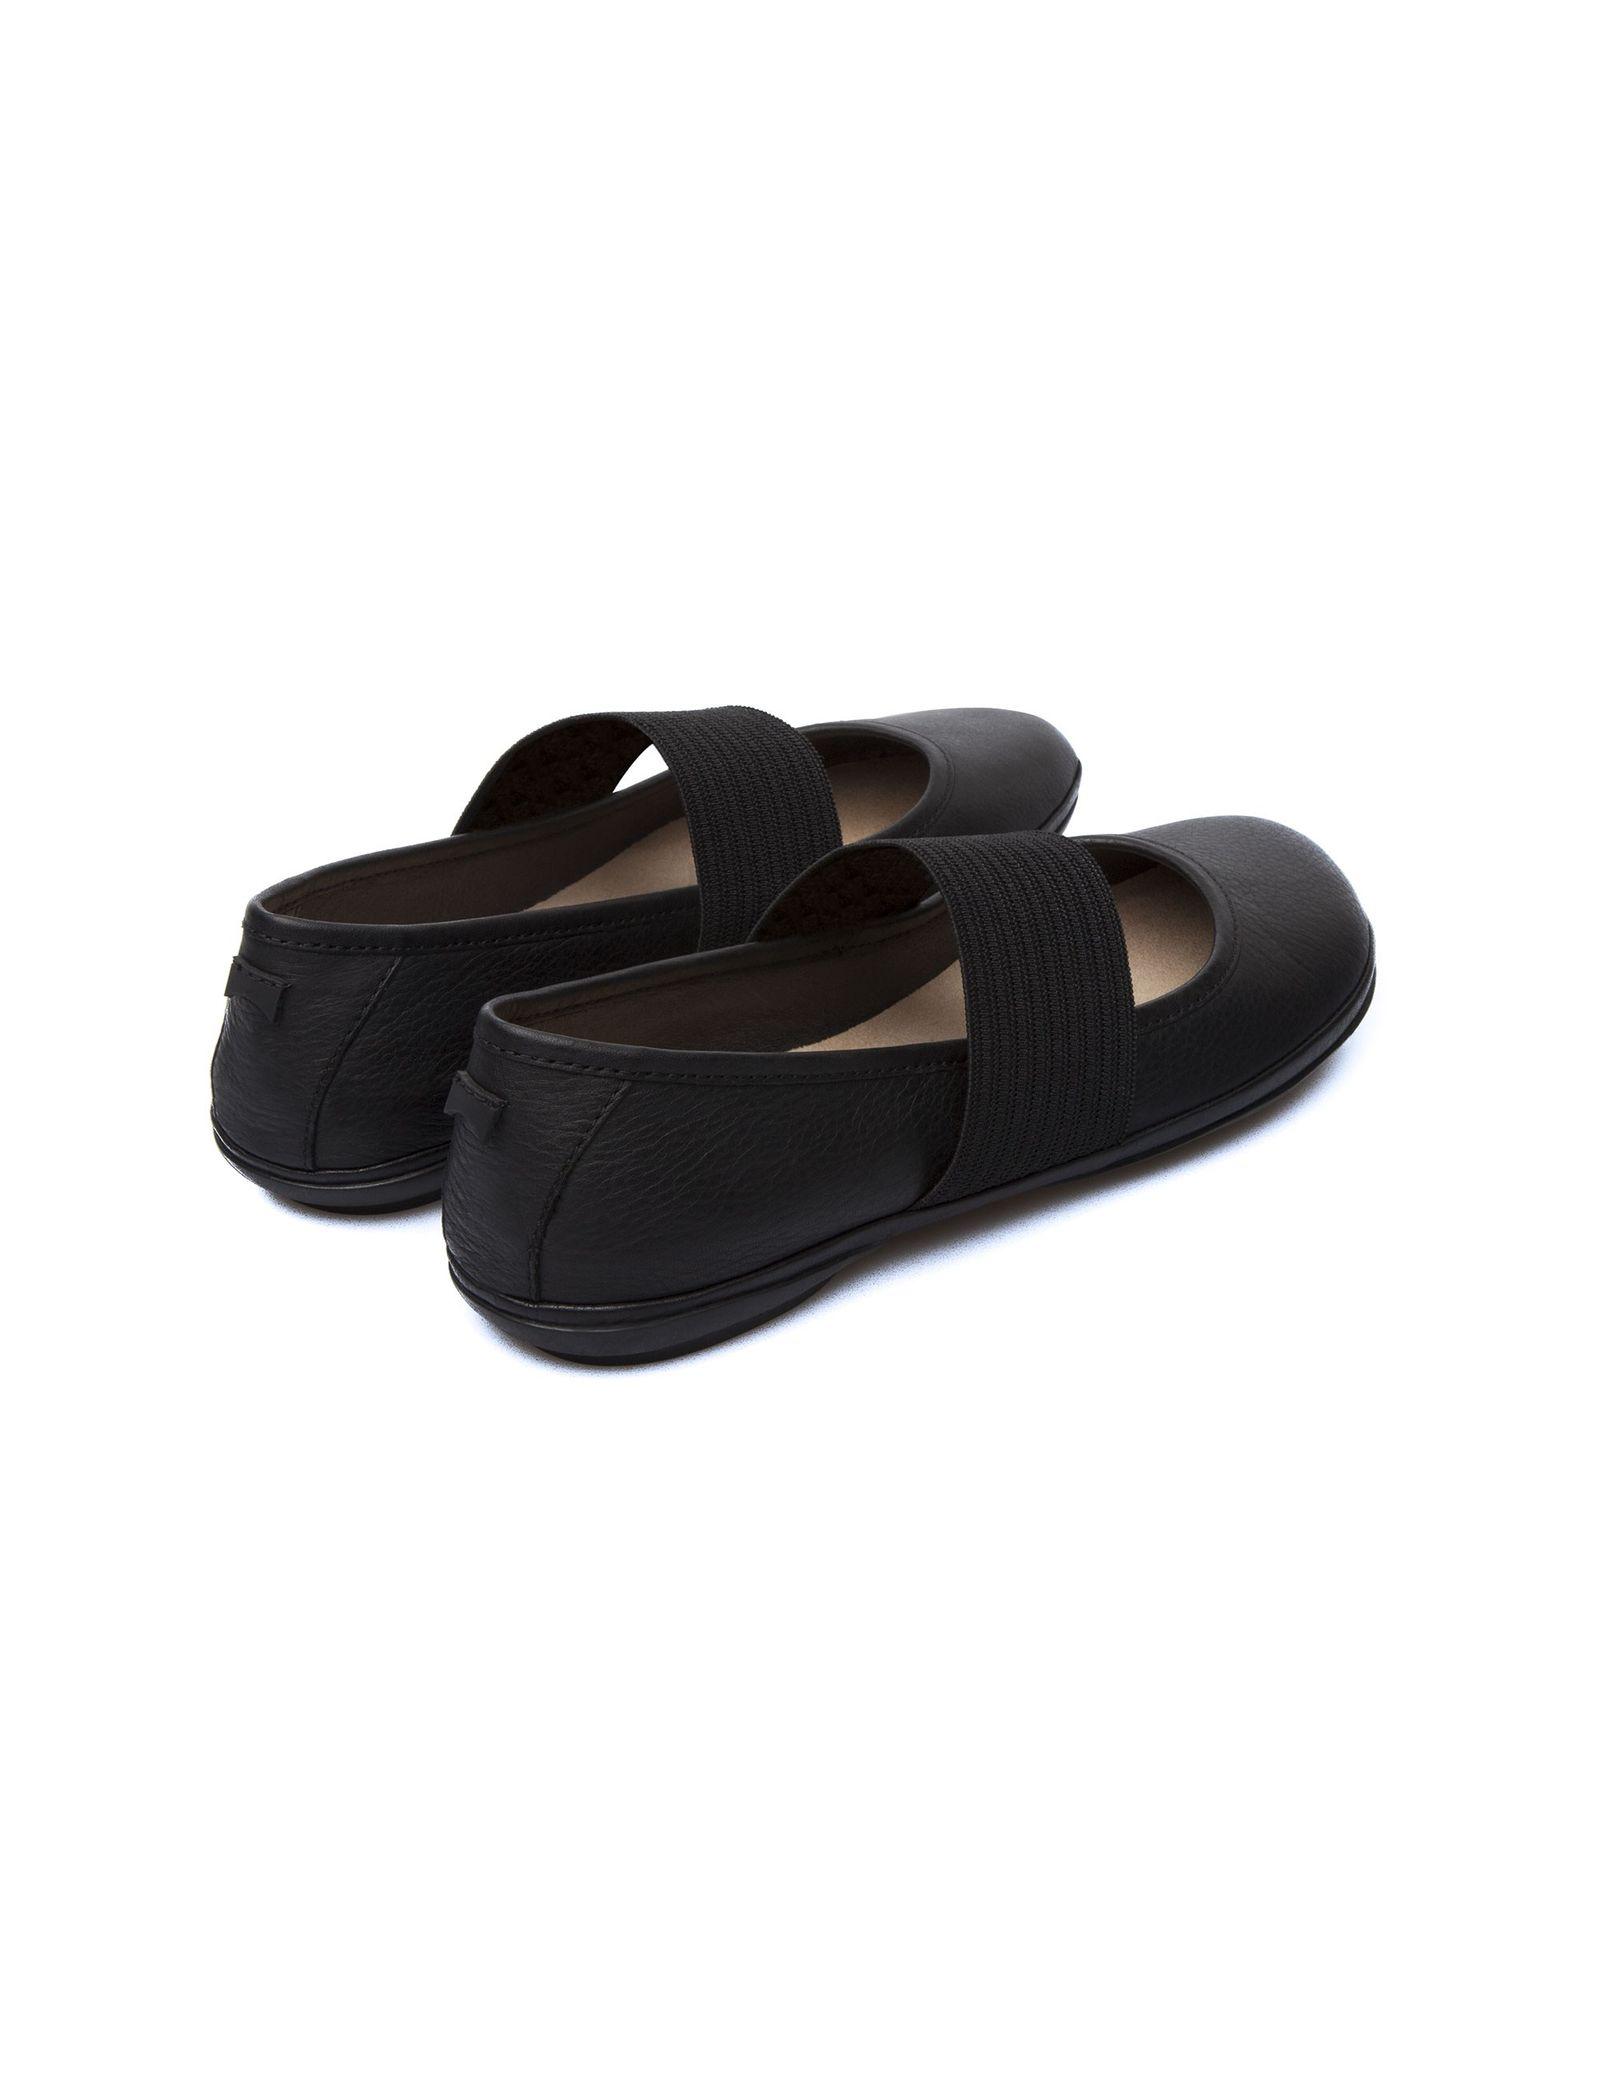 کفش تخت چرم زنانه - کمپر - مشکي - 8